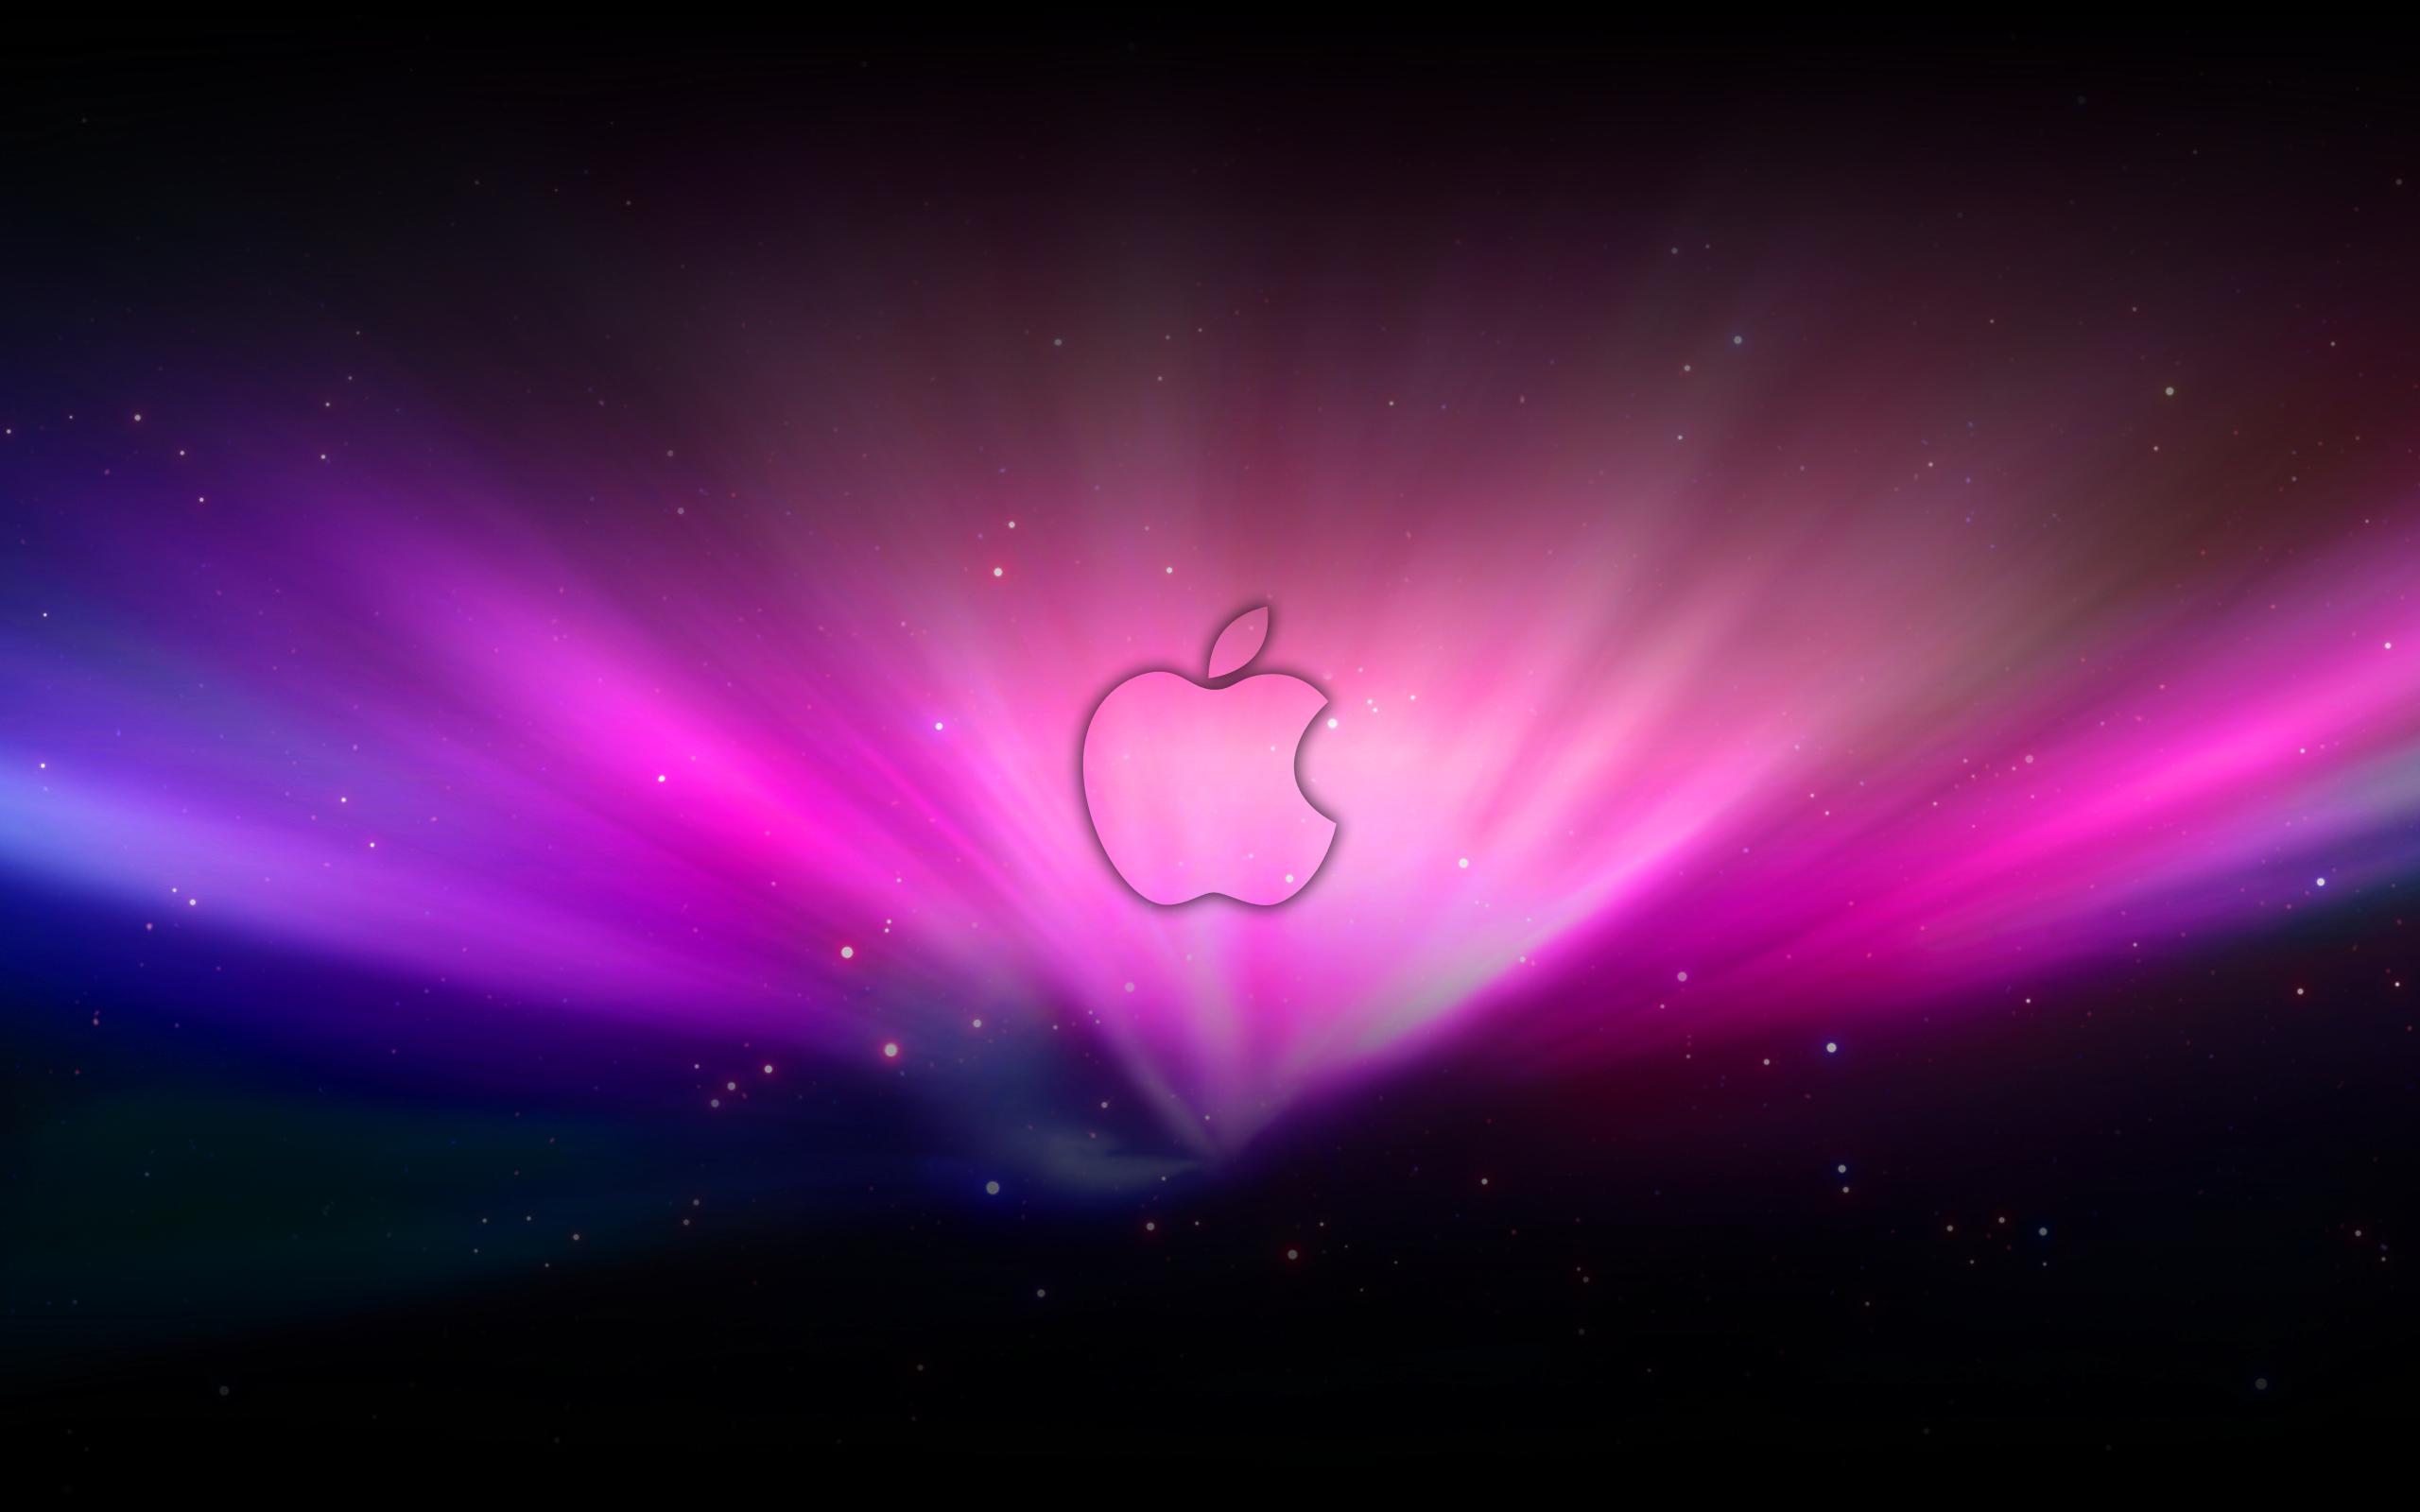 Free Download Mac Os X Leopard Wallpaper 18795 2560x1600